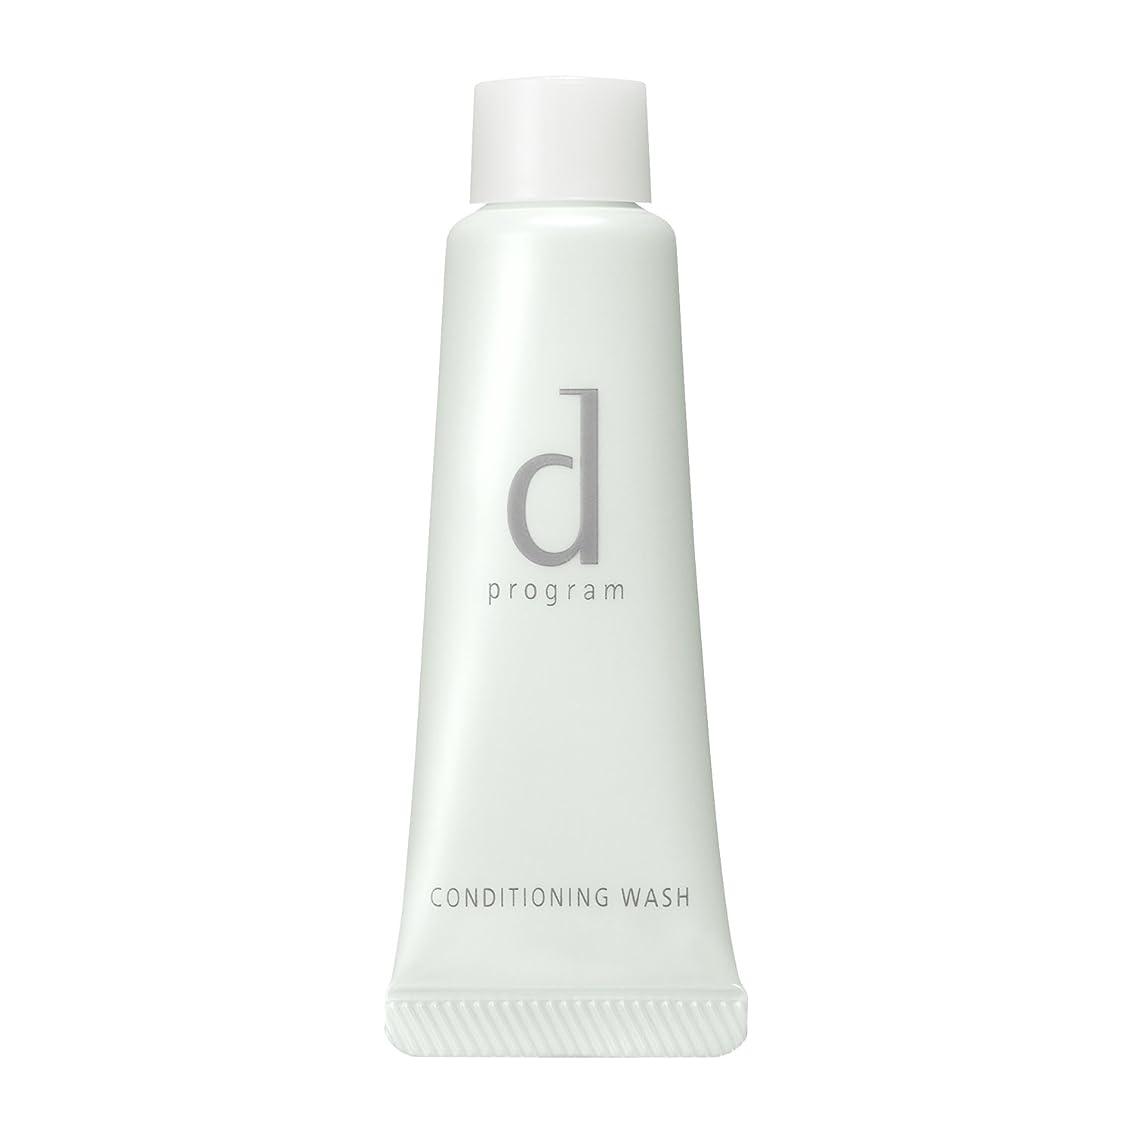 困難表面的なリーチd プログラム コンディショニングウォッシュ 洗顔フォーム (トライアルサイズ) 20g